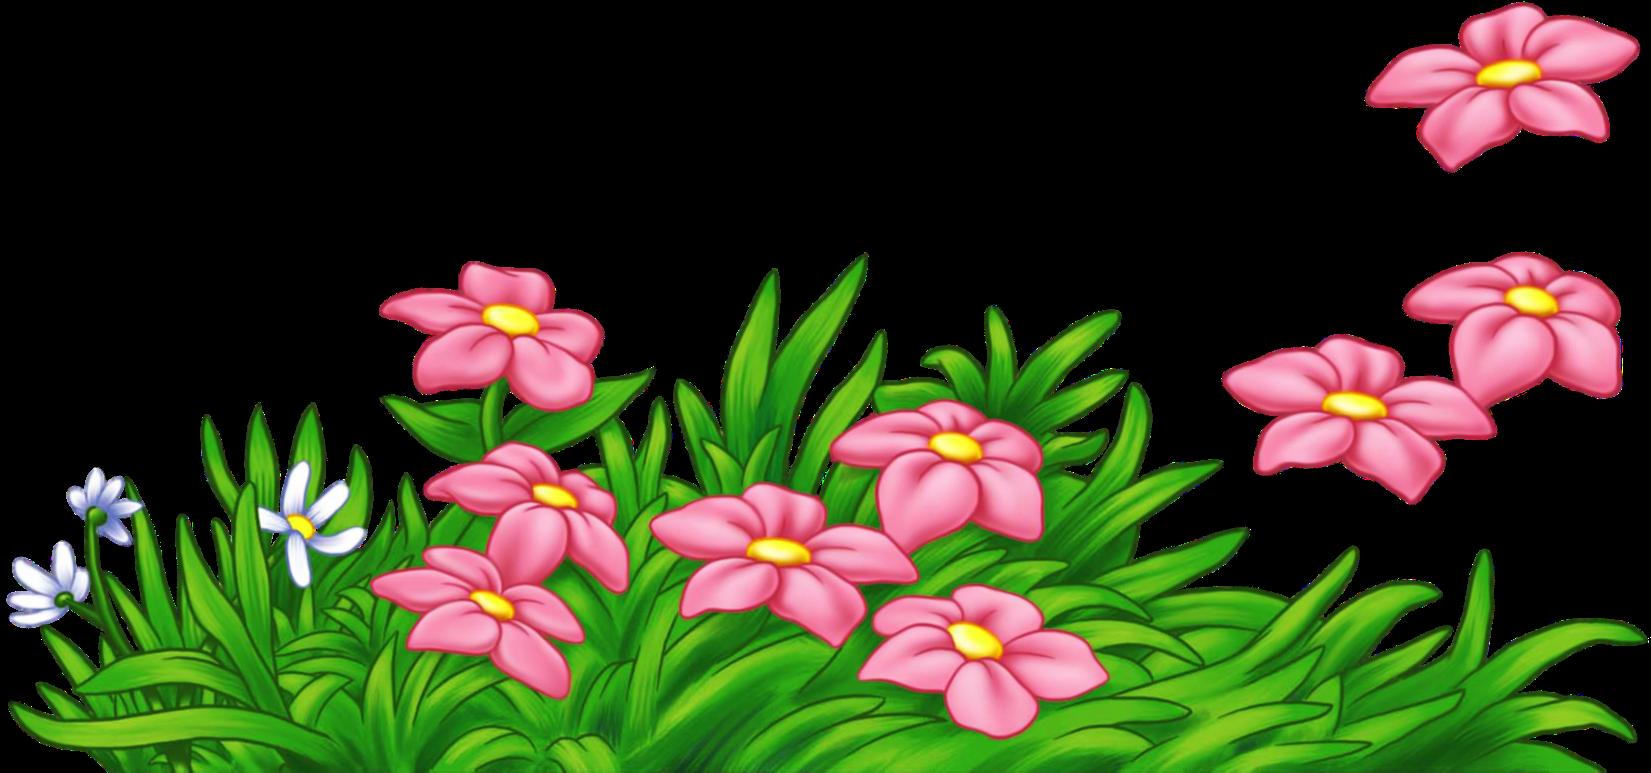 Картинки клипарт цветы для детей